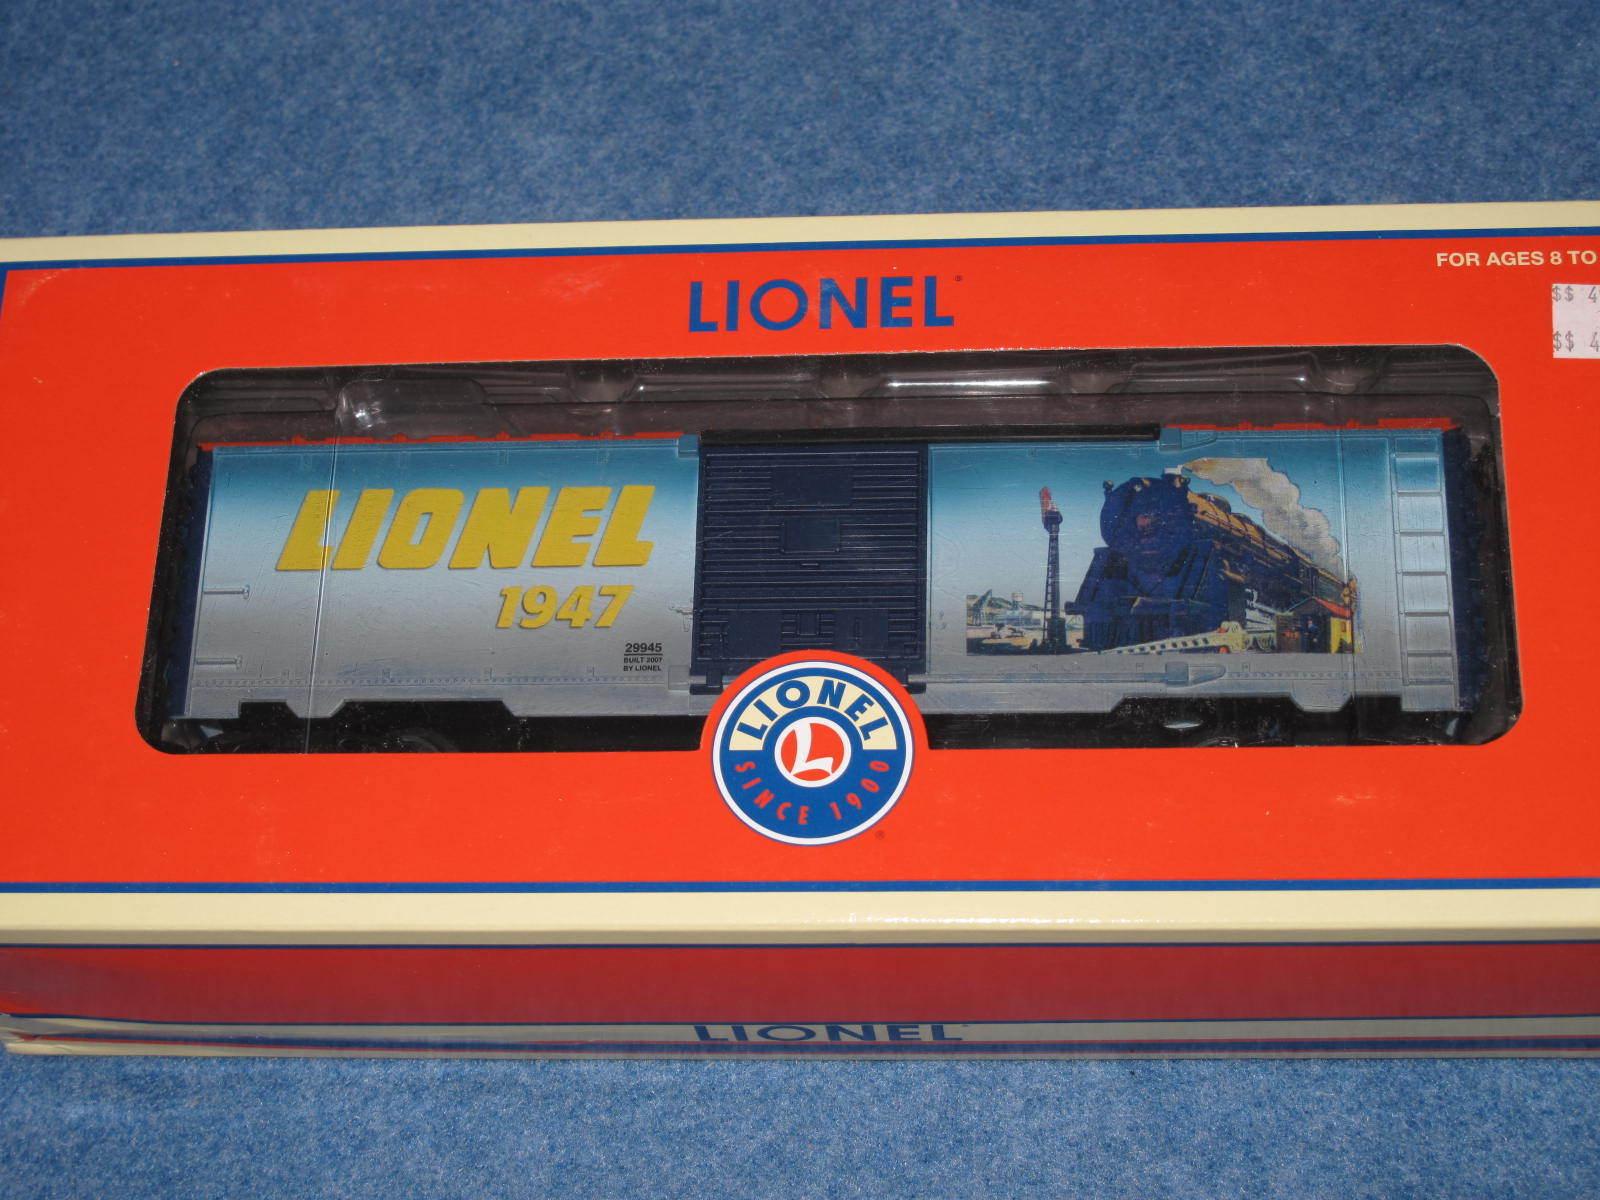 2007 Lionel 6-29945 Lionel Art Box Car 1947 Classic Nuovo in Box L2212